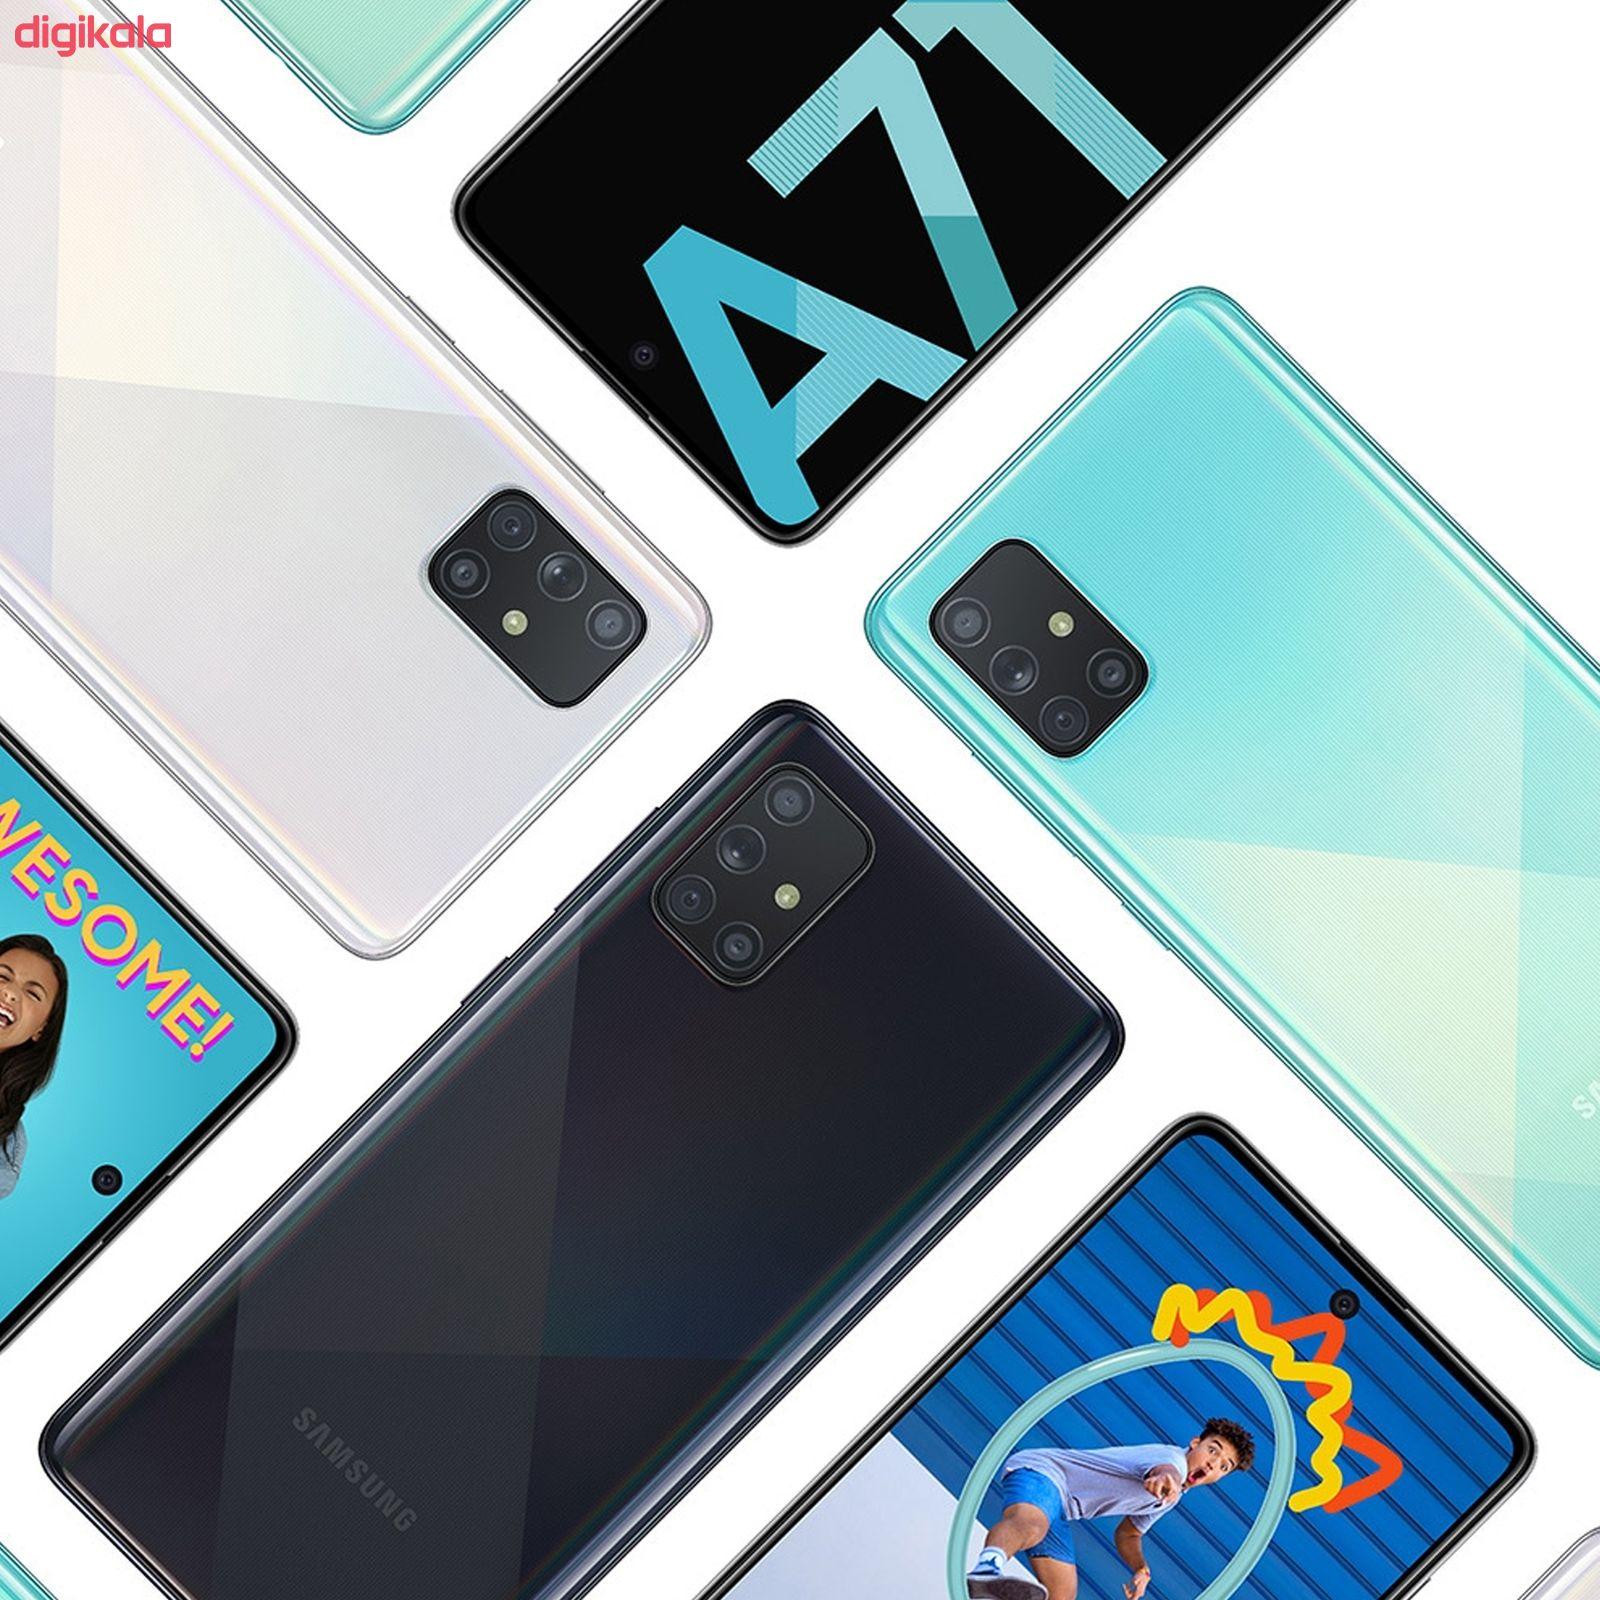 گوشی موبایل سامسونگ مدل Galaxy A71 SM-A715F/DS دو سیمکارت ظرفیت 128 گیگابایت همراه با رم 8 گیگابایت main 1 10